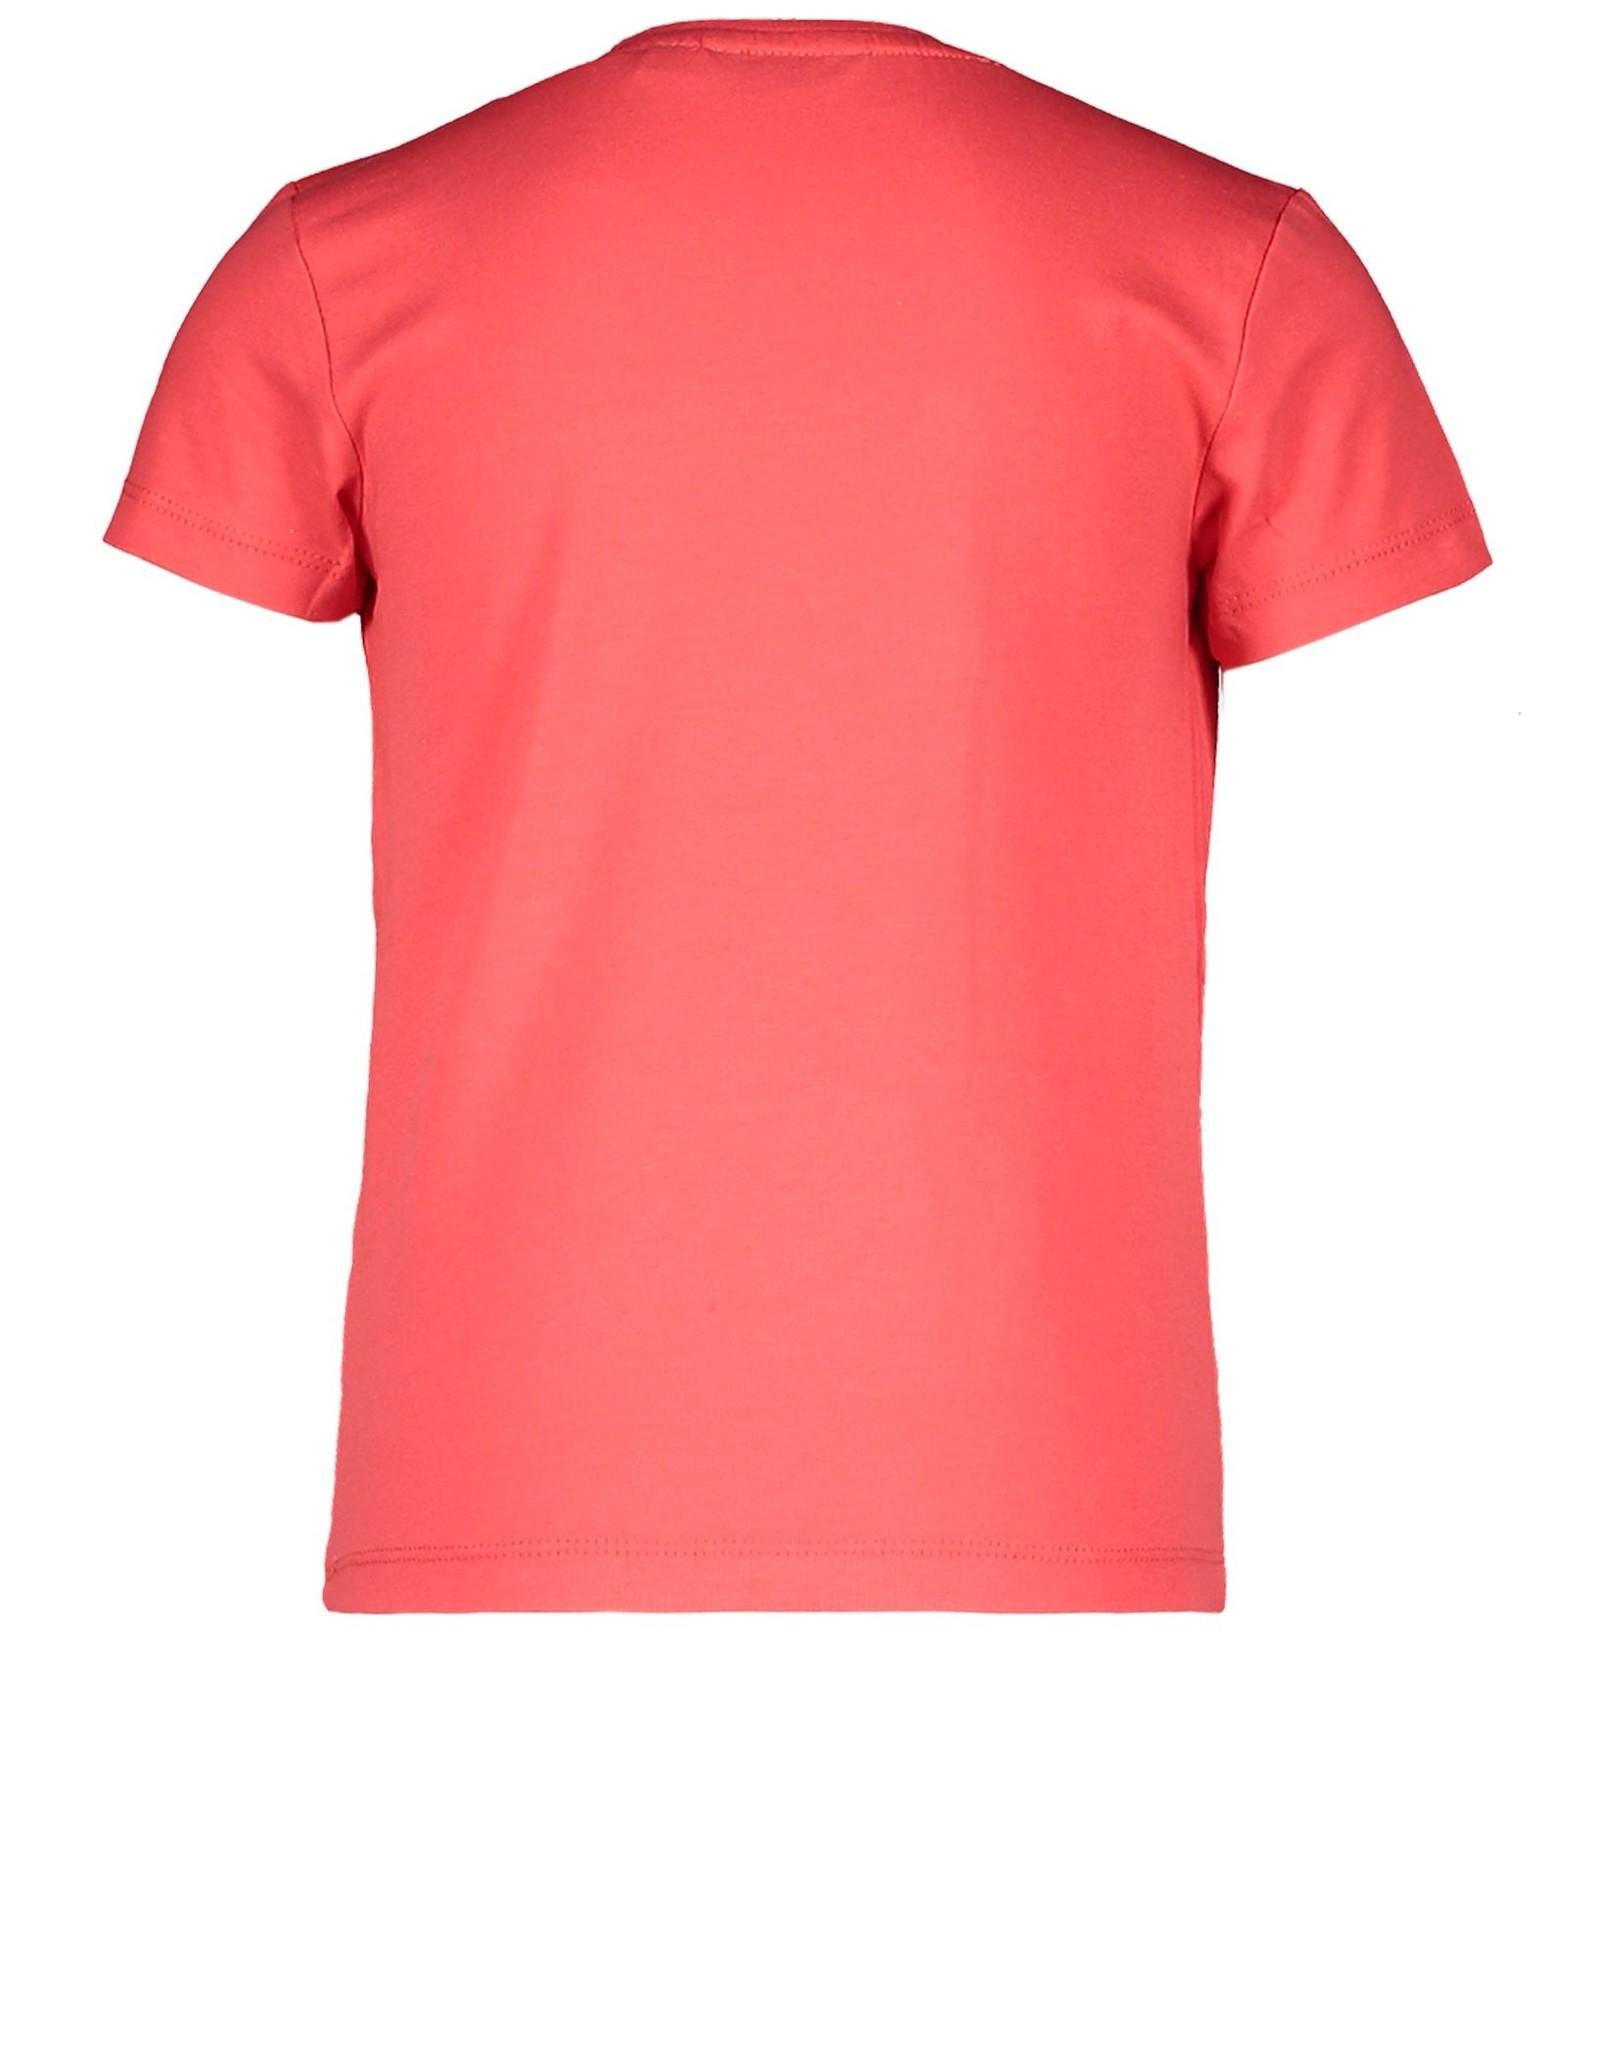 Moodstreet Moodstreet shirt 5400 cerise